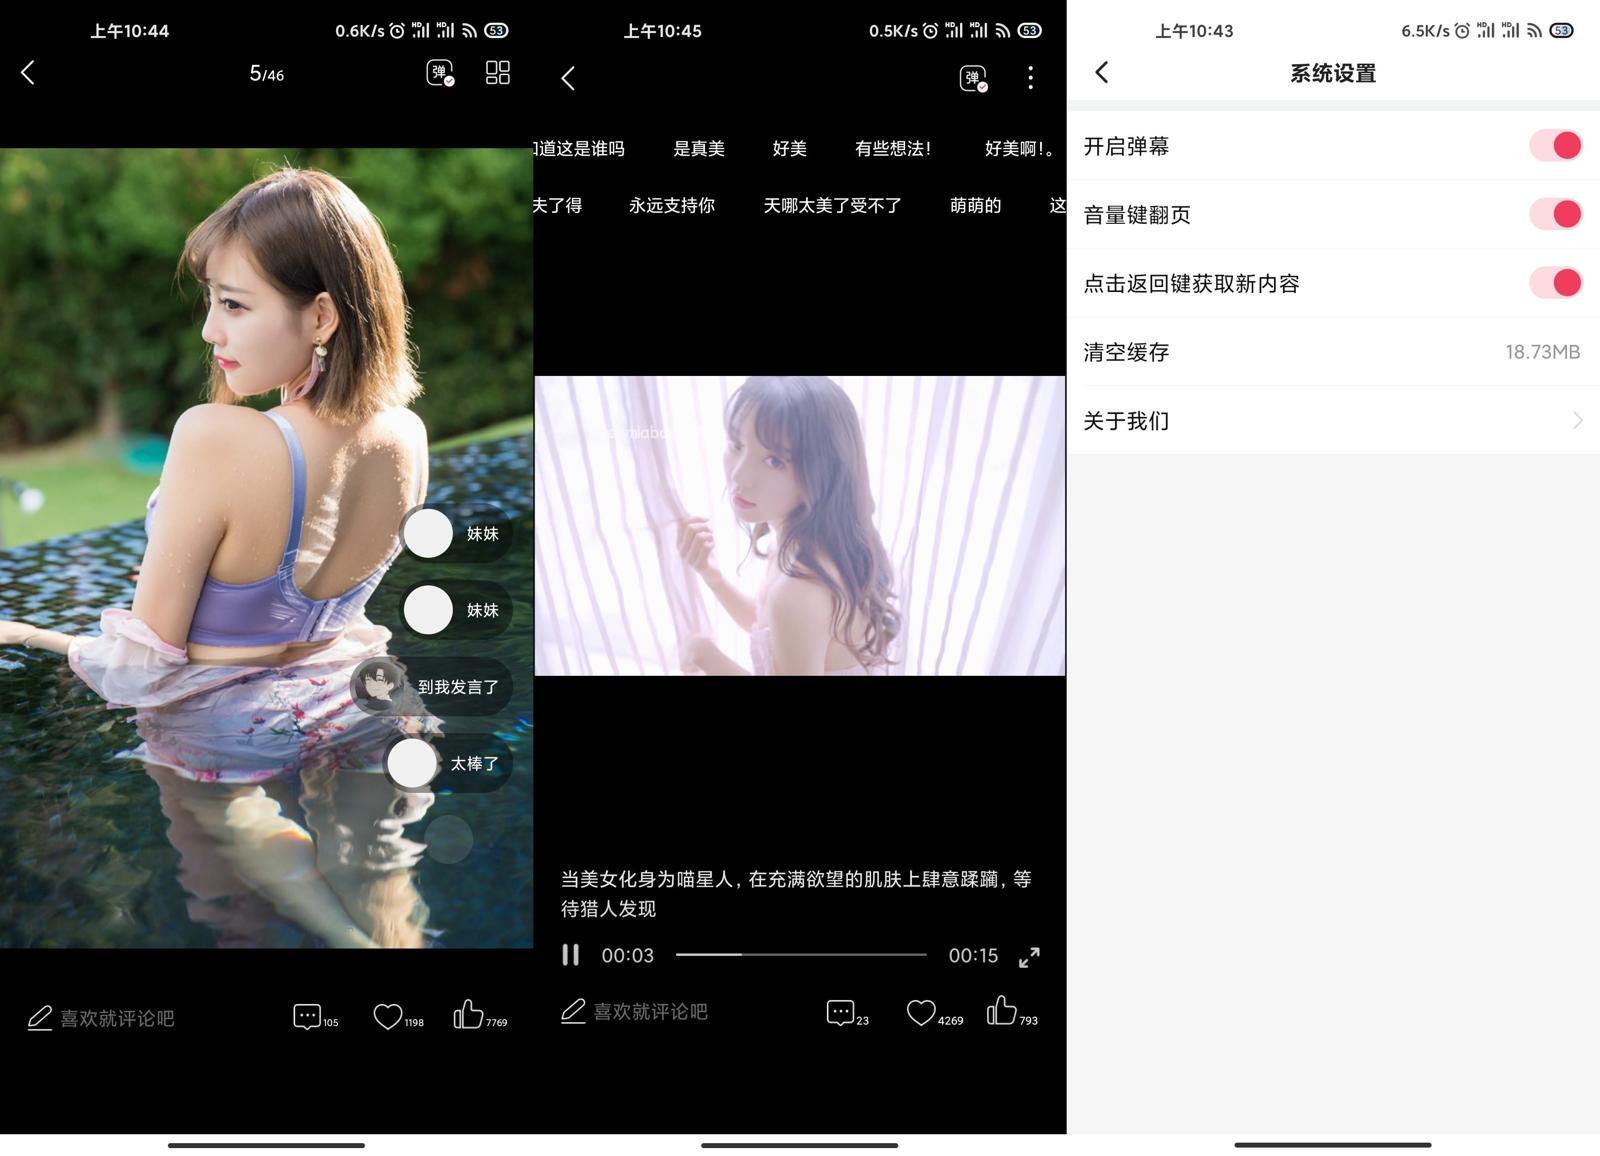 MM131 综合写真照片视频